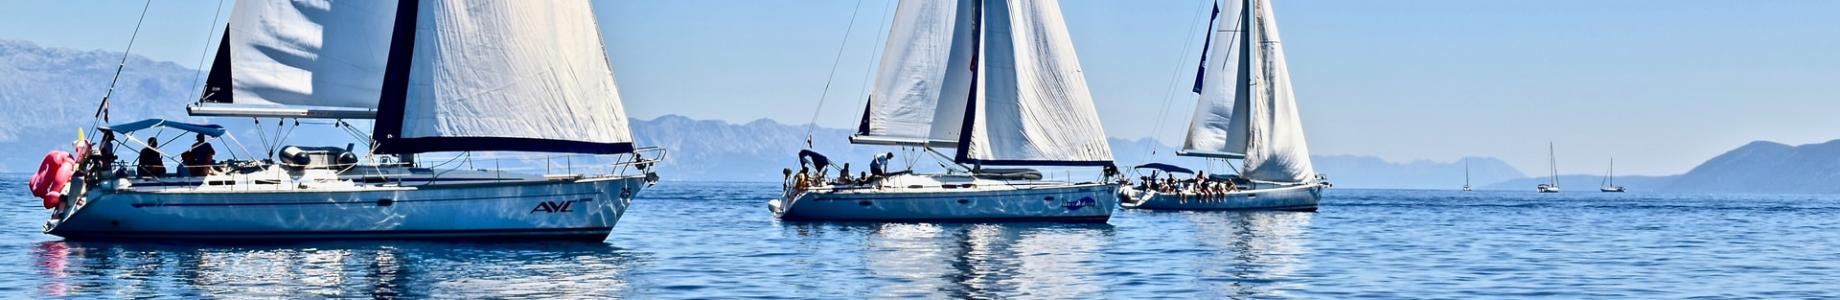 Sailica 2.0. Обзор новых функций системы бронирования яхт. Теперь найти яхту еще легче.